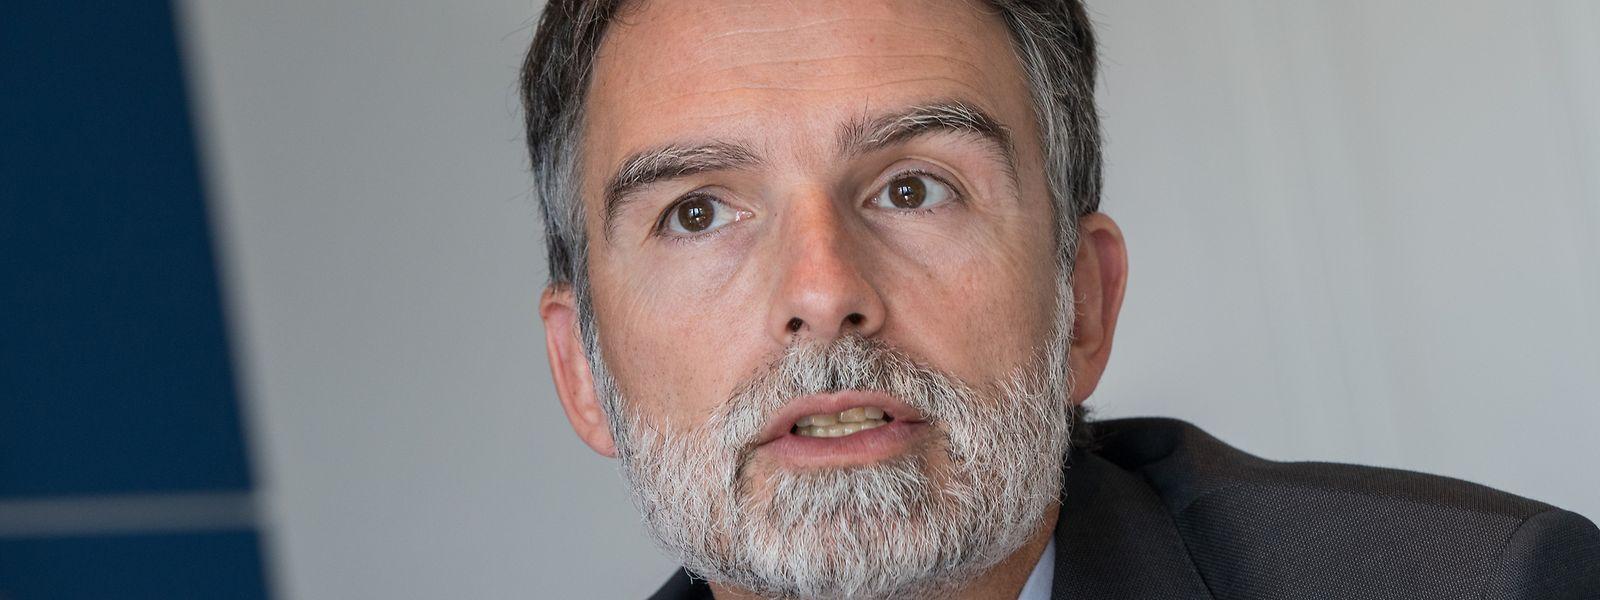 Jerry Grbic wird am 1. April 2022 die Nachfolge von Yves Maas antreten.